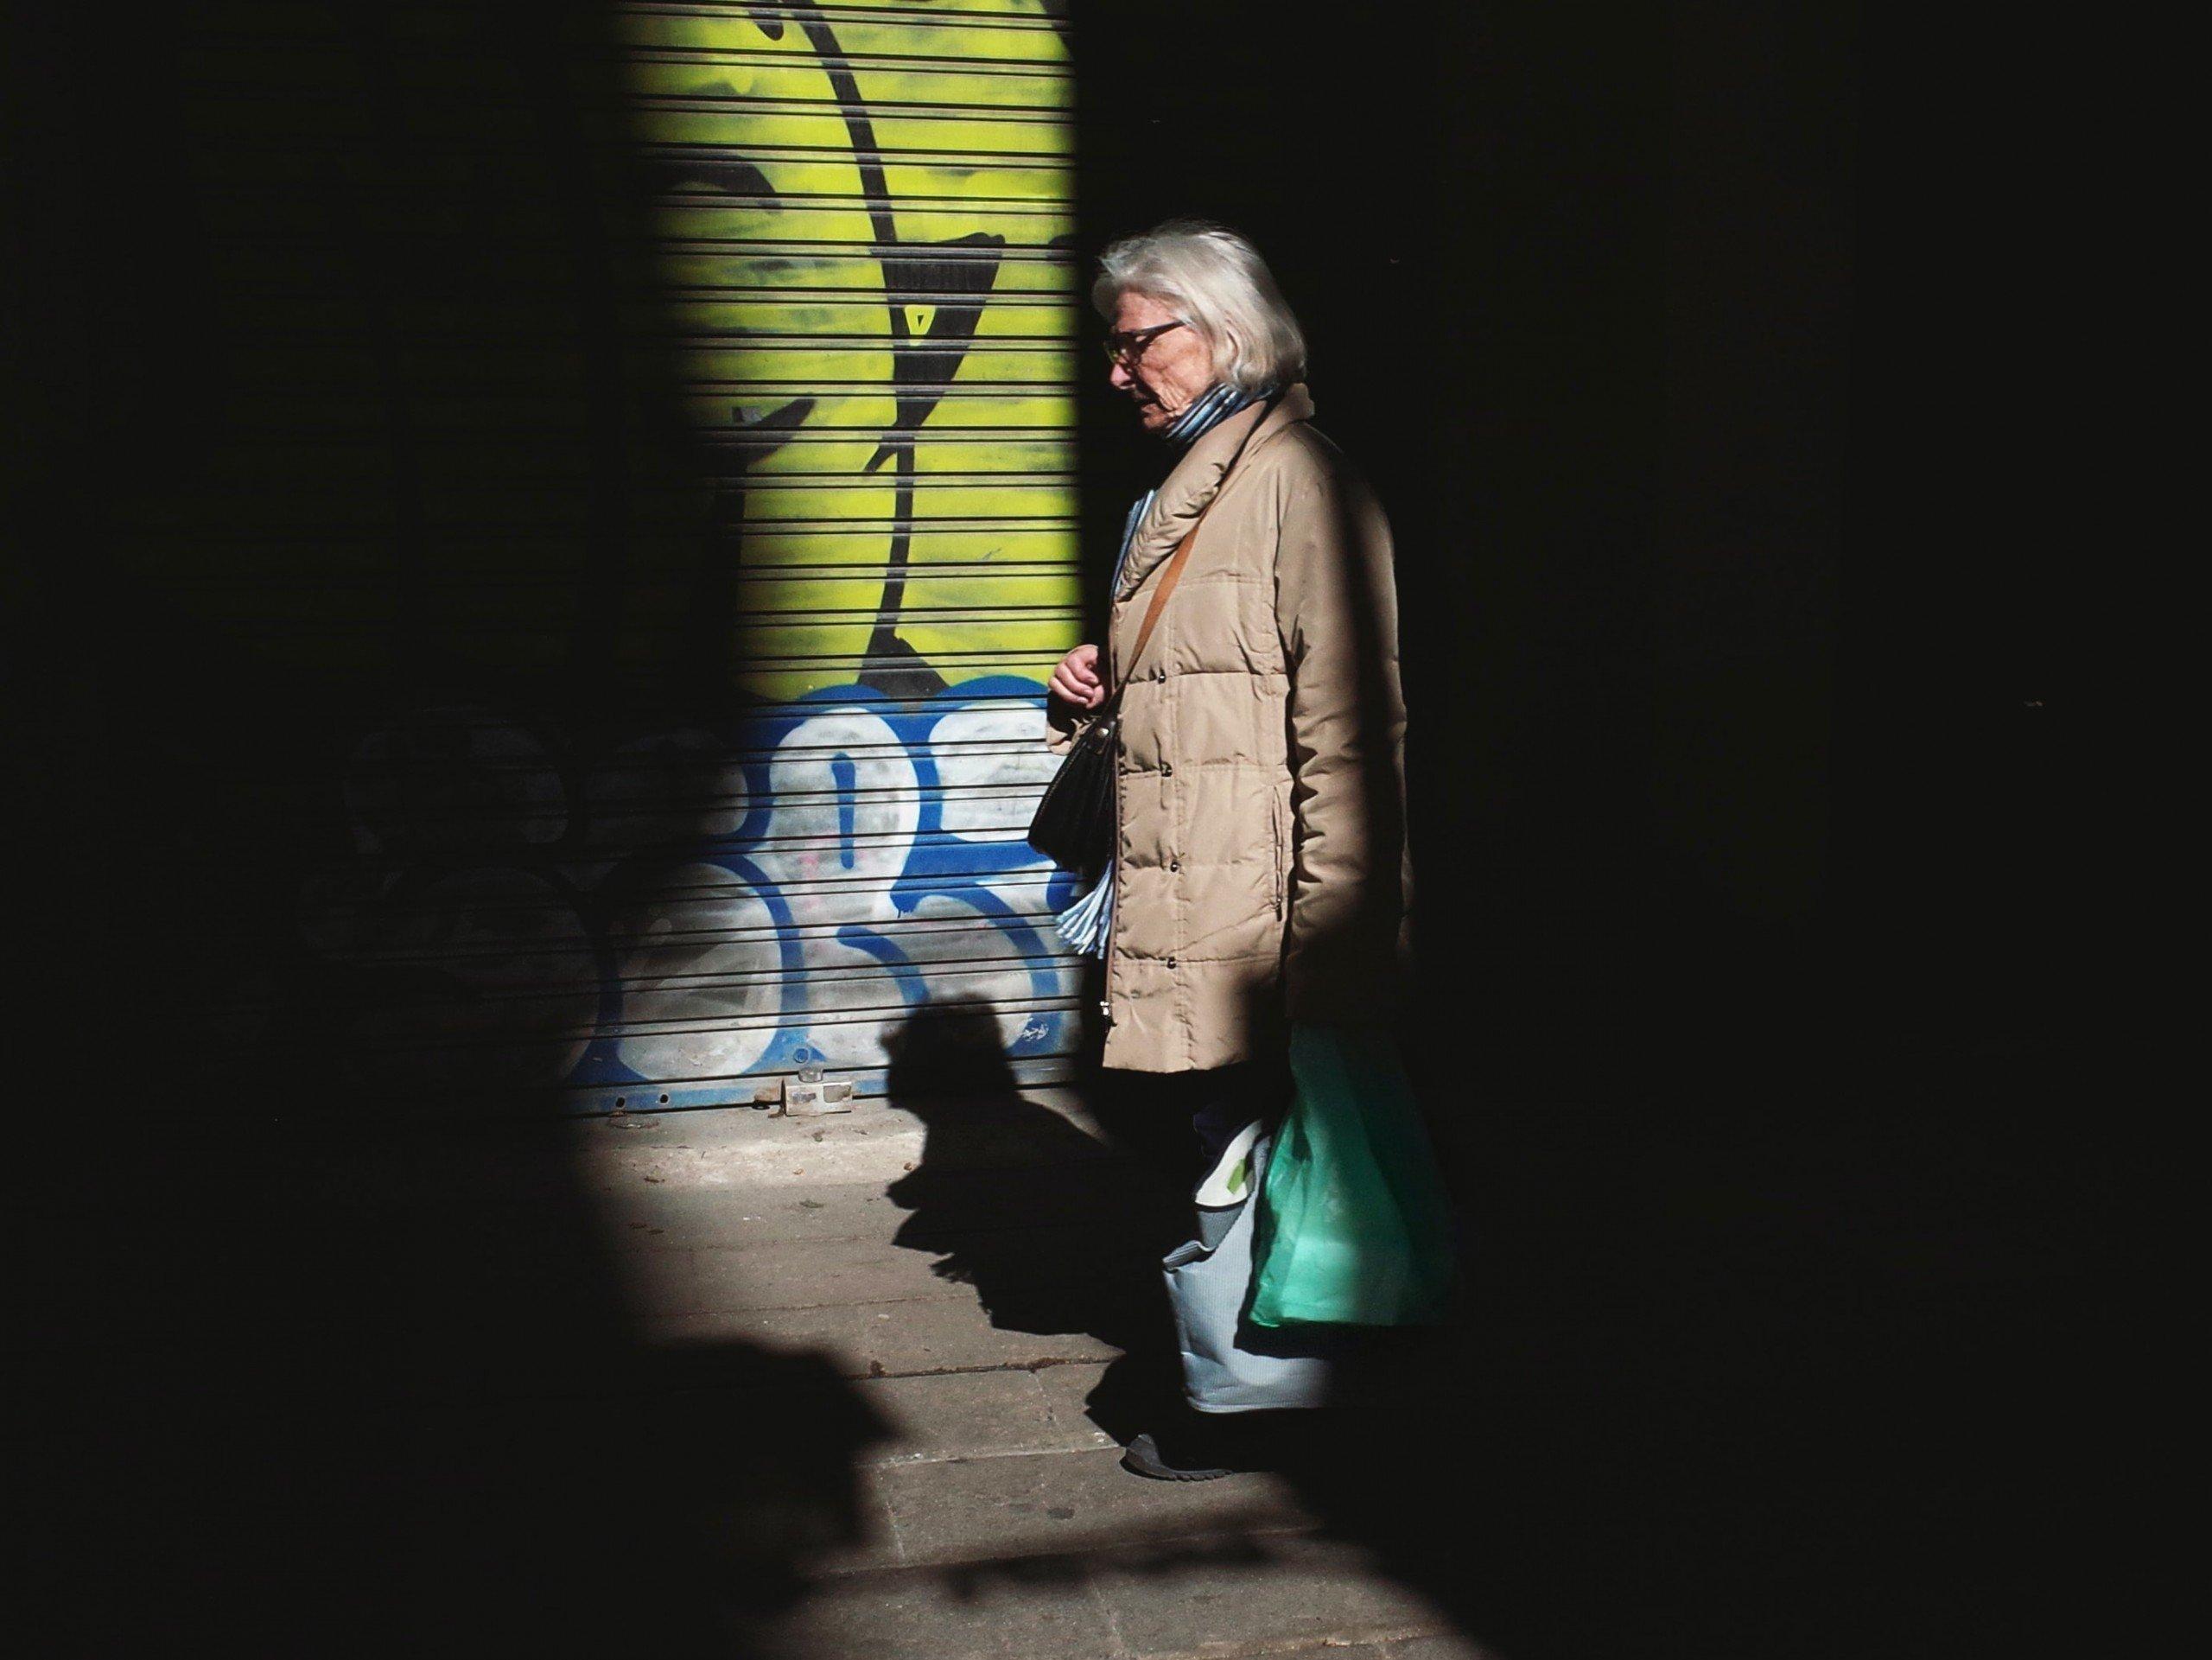 Foto de IKER FERNANDEZ en UNSPLASH